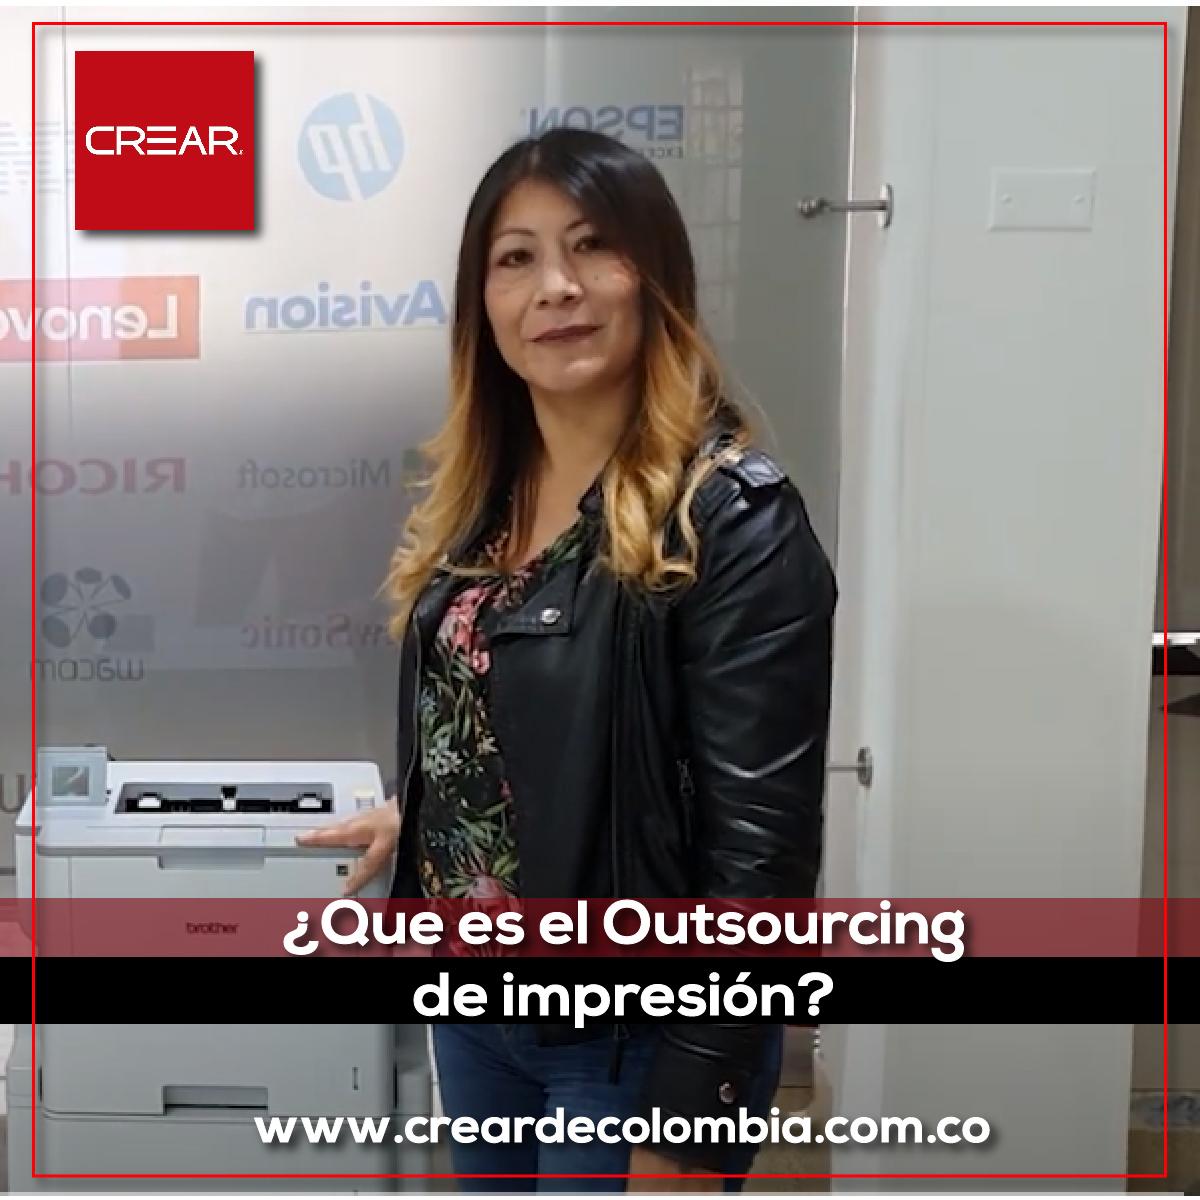 ¿Sabes Que Es El Outsourcing De Impresión?